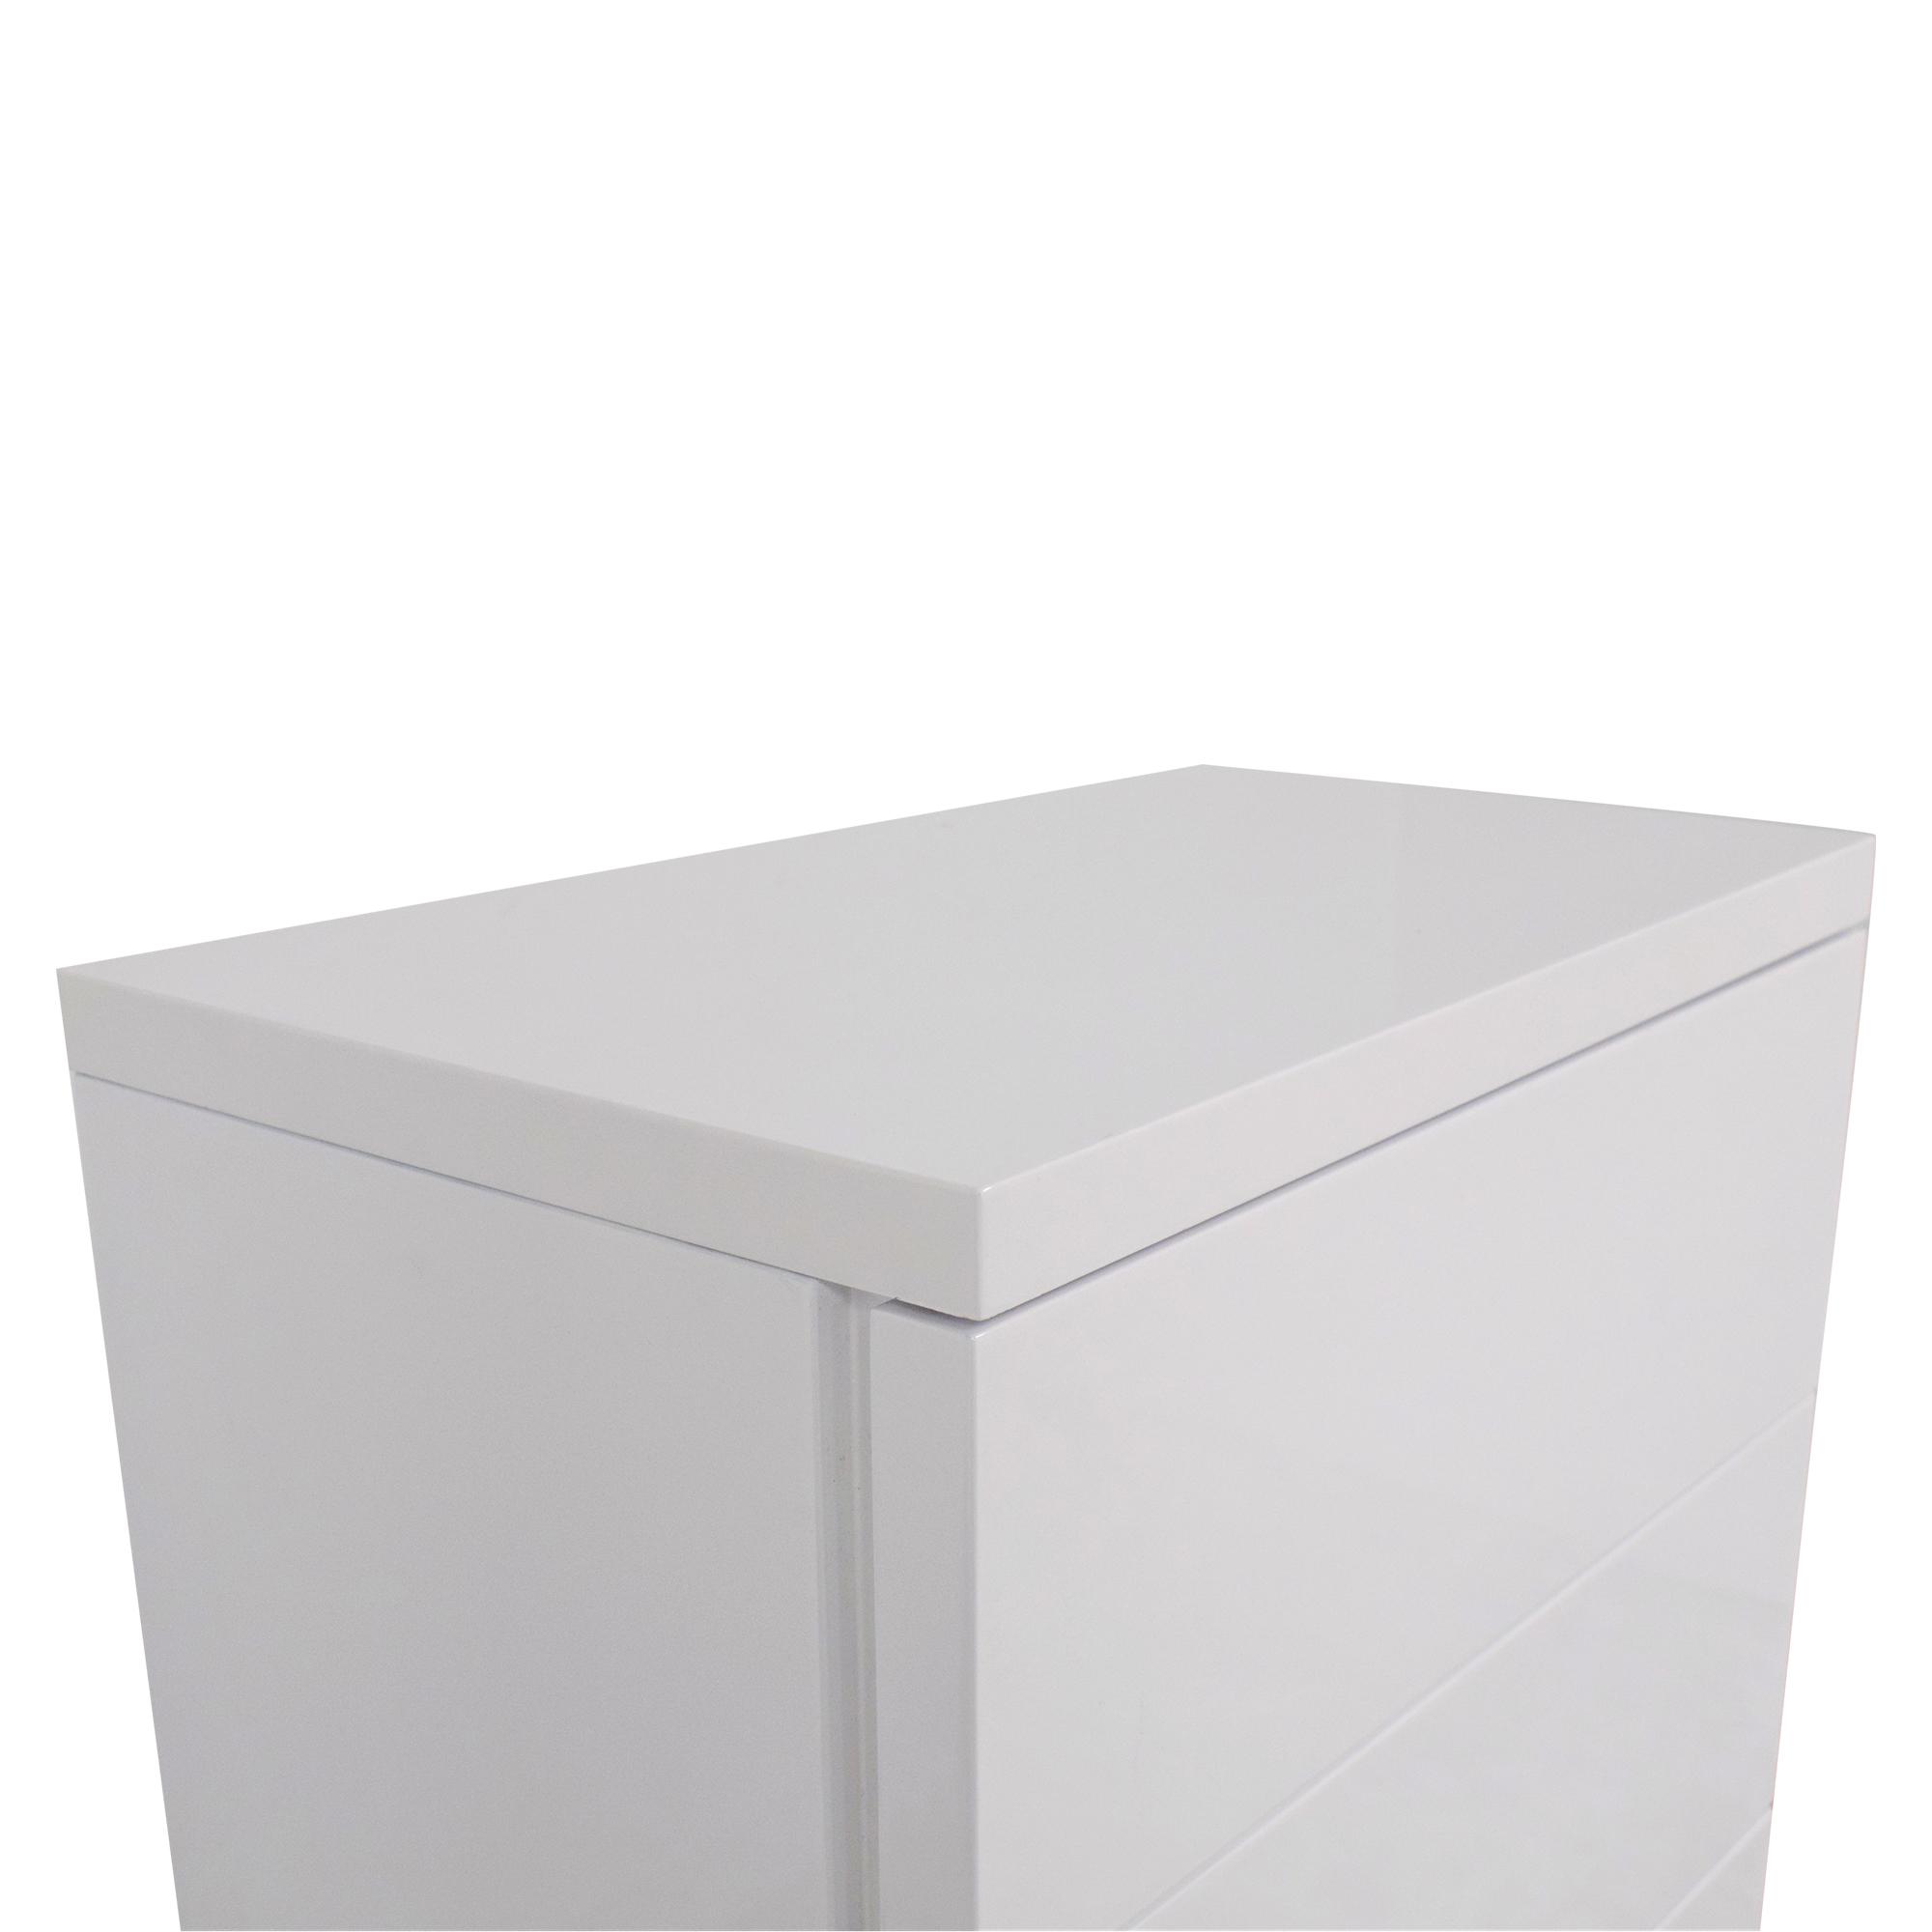 AllModern AllModern White Gloss 5 Drawer Chest discount